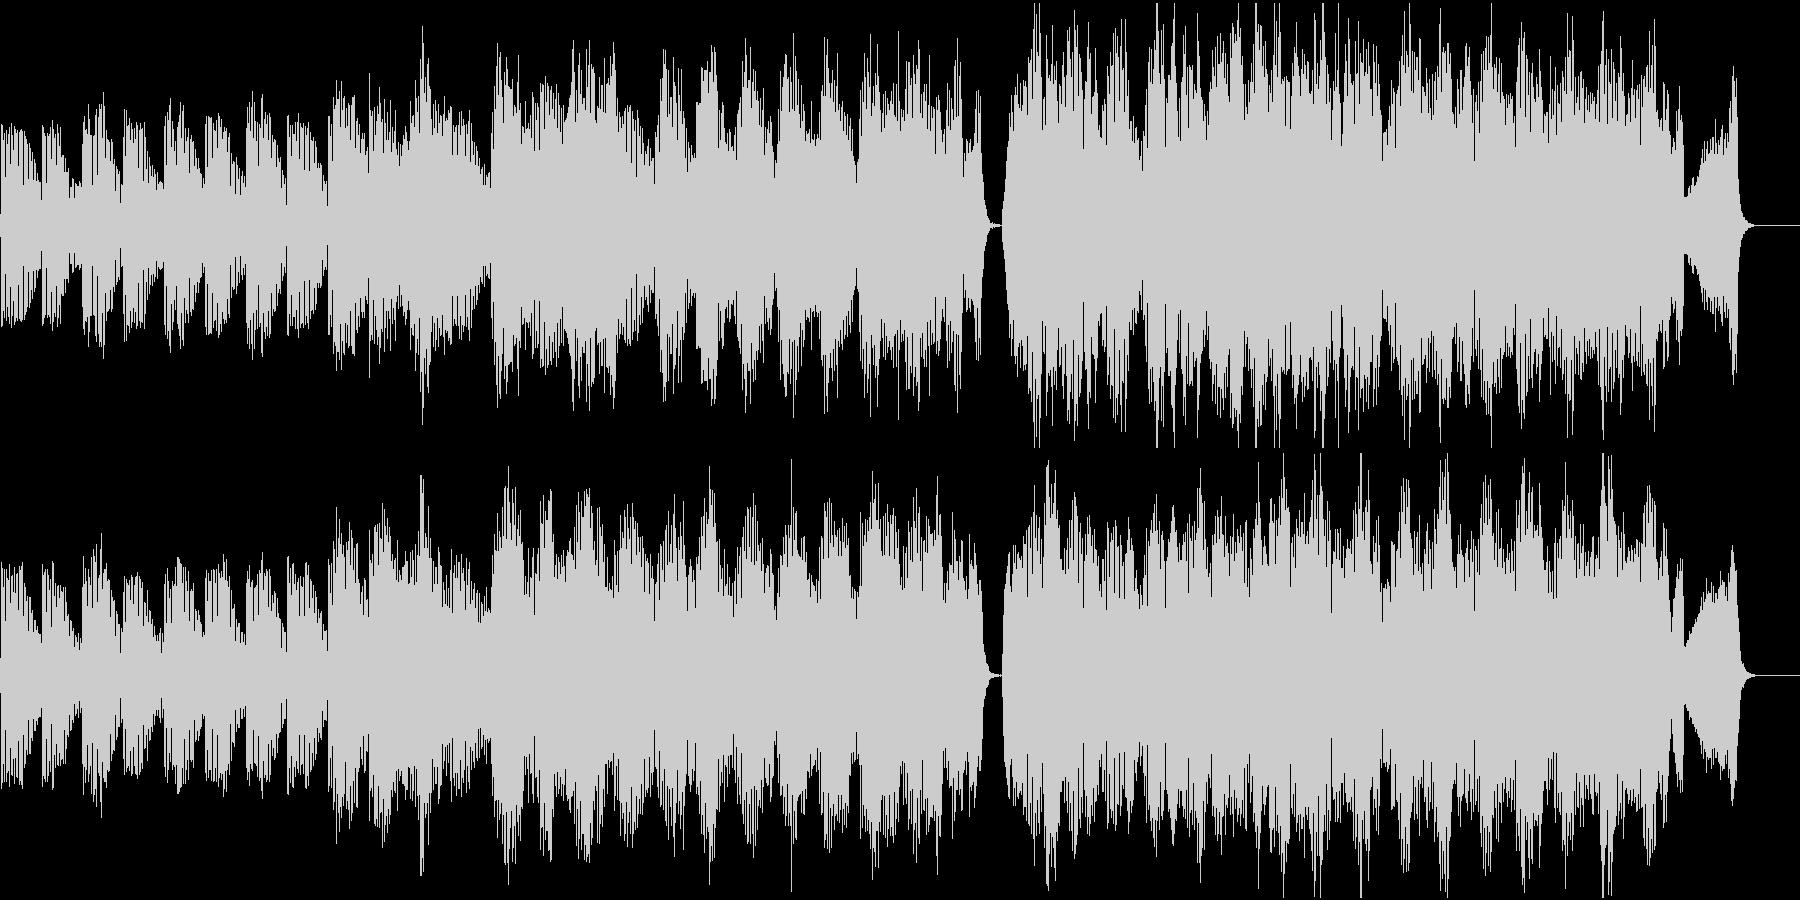 感動的なストリングス曲の未再生の波形